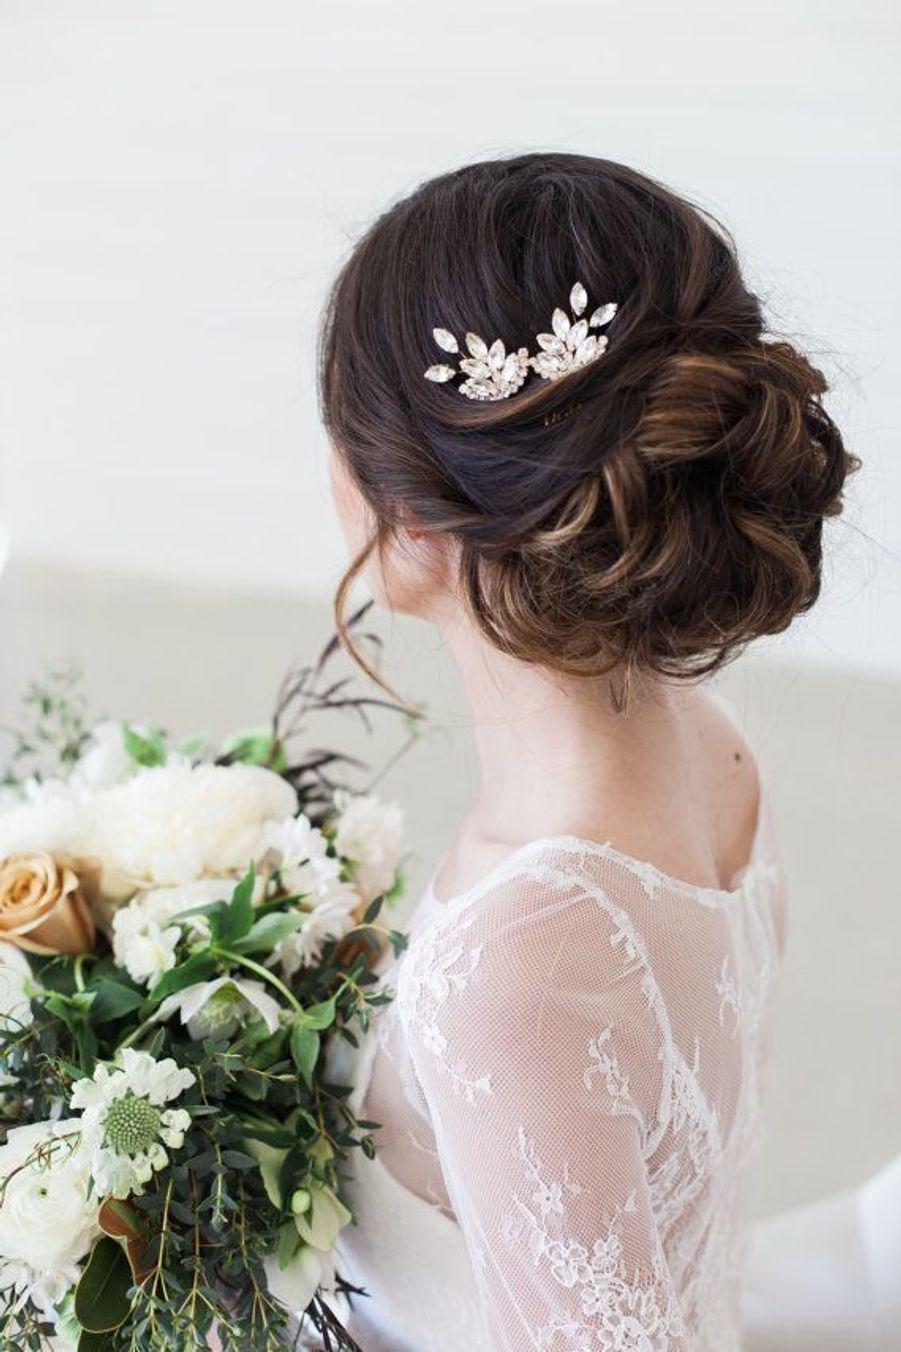 Un chignon avec des épingles pour cheveuxhttps://www.pinterest.fr/pin/487373990914800540/